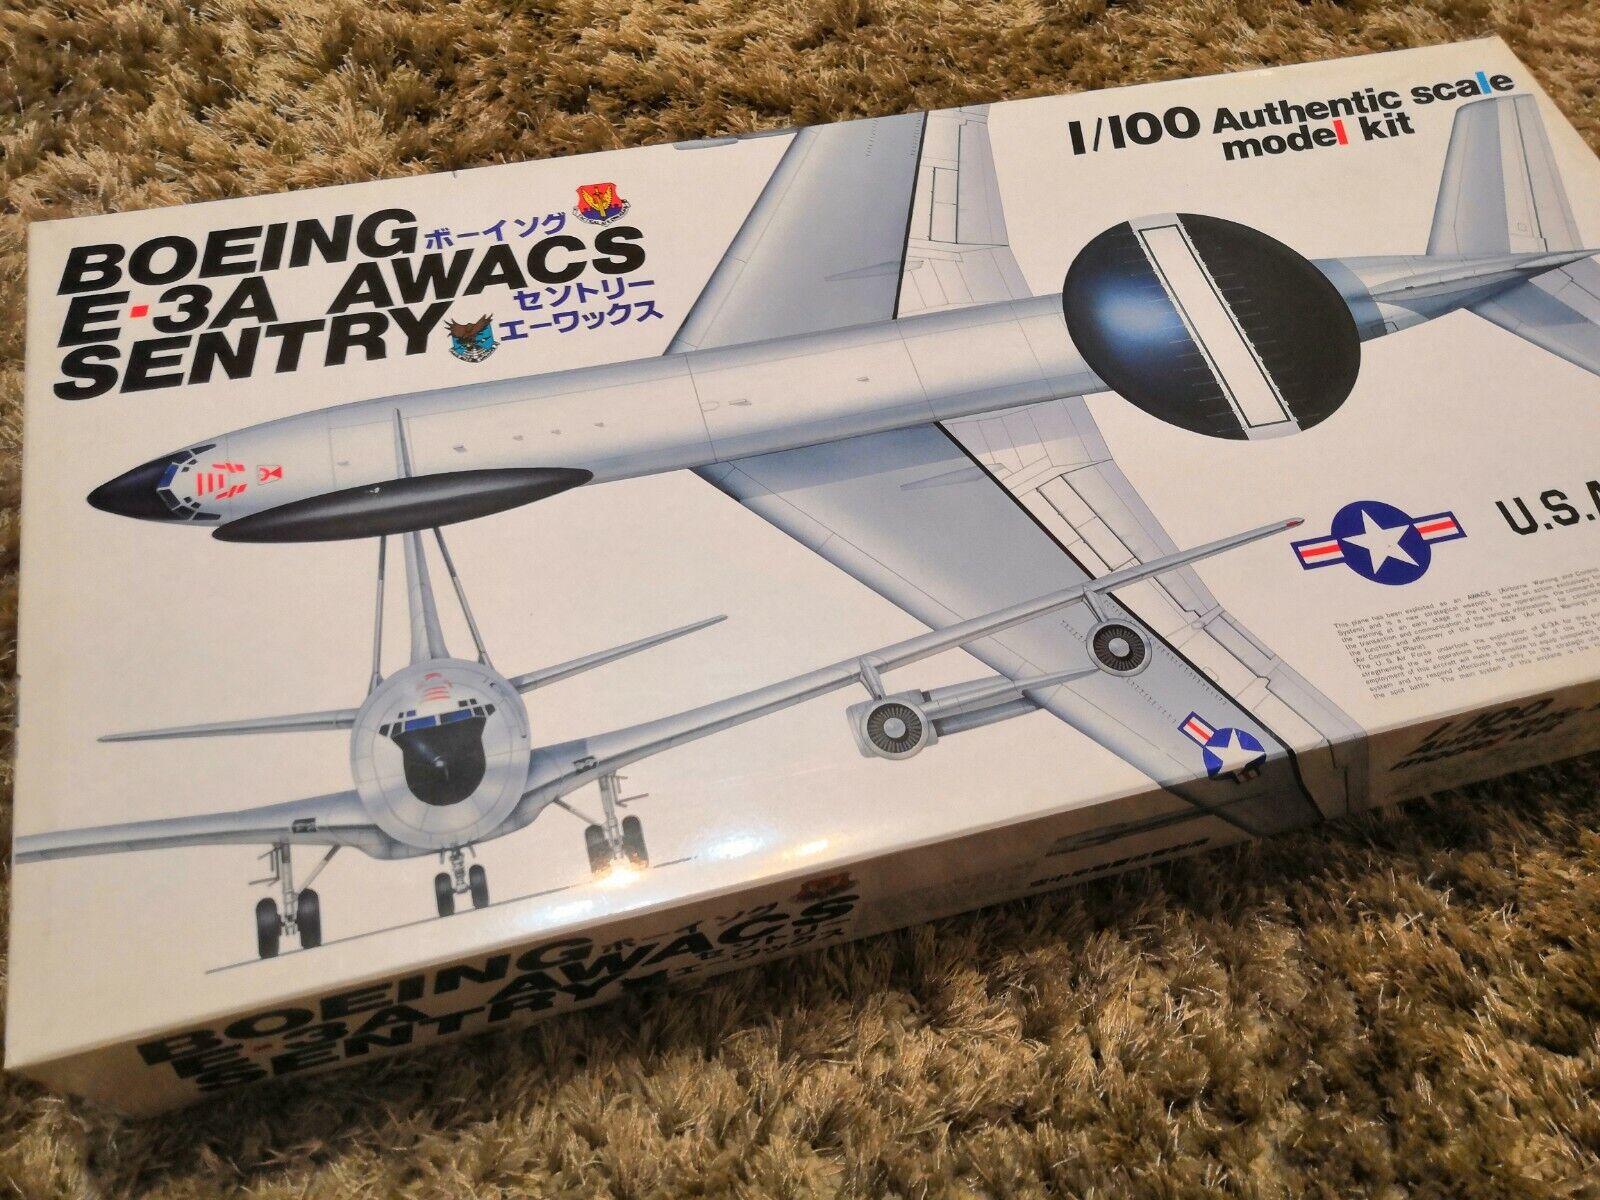 en venta en línea DOYUSHA KIT aereo aereo aereo BOEING E-3A AWACS 1 100 n. 100-E3-4,000  oferta especial